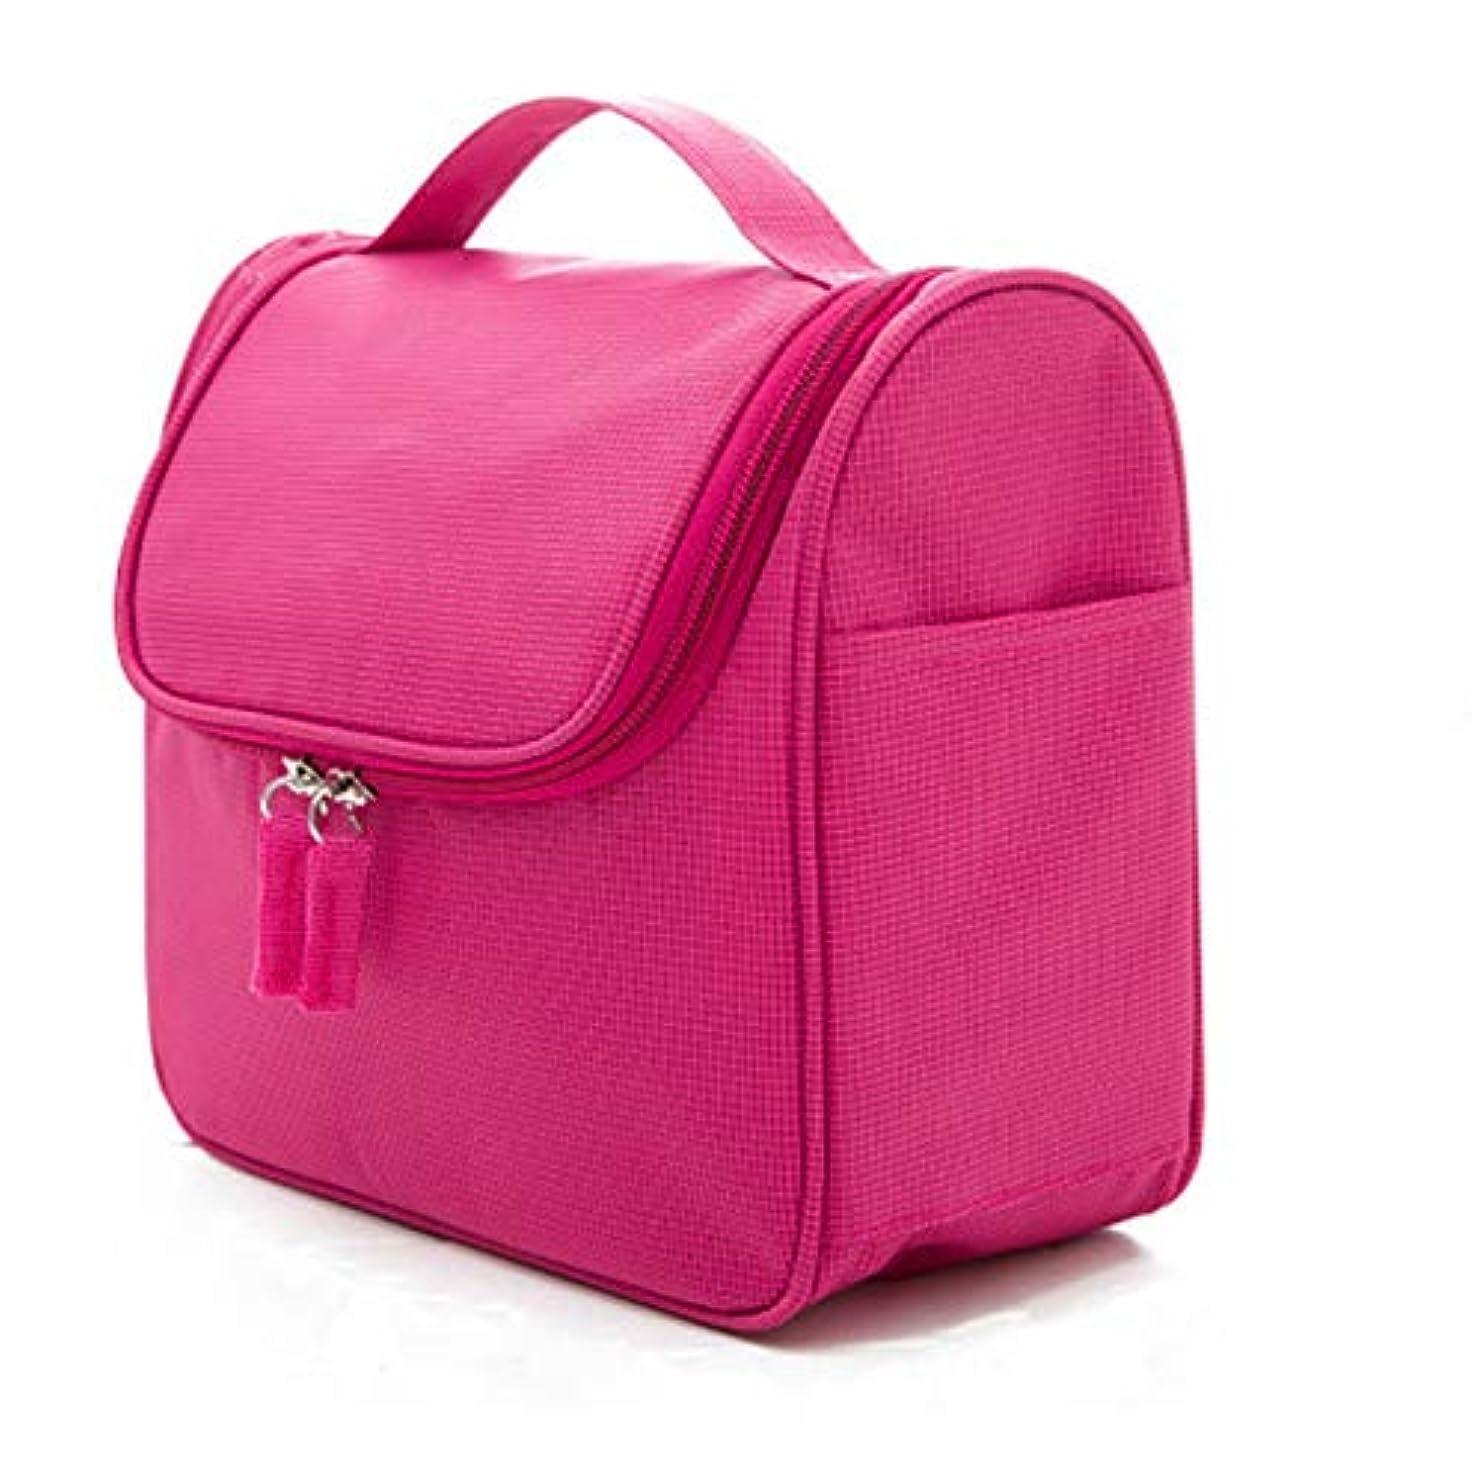 先例貝殻苦行化粧品袋 旅行化粧品バッグファッション防水ポリエステル多機能化粧収納袋トイレタリーバッグ用男性女性